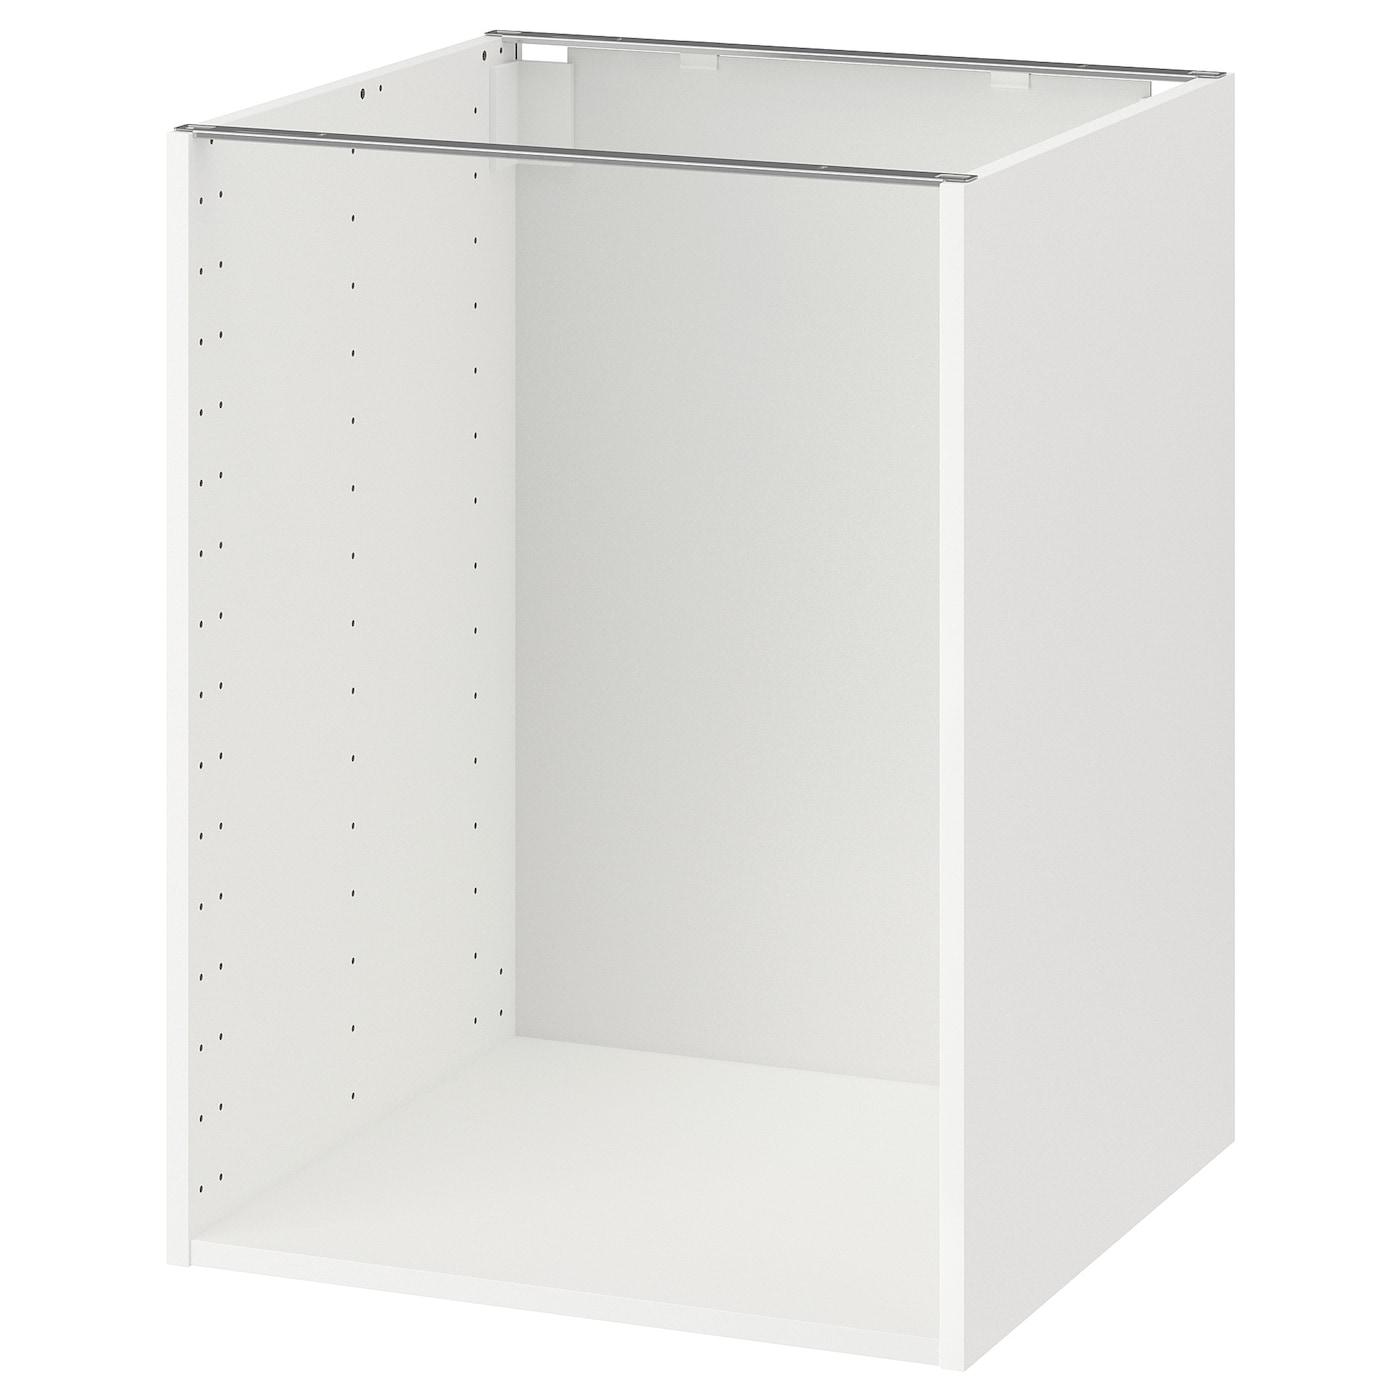 METOD Structure élément bas - blanc 14x14x14 cm